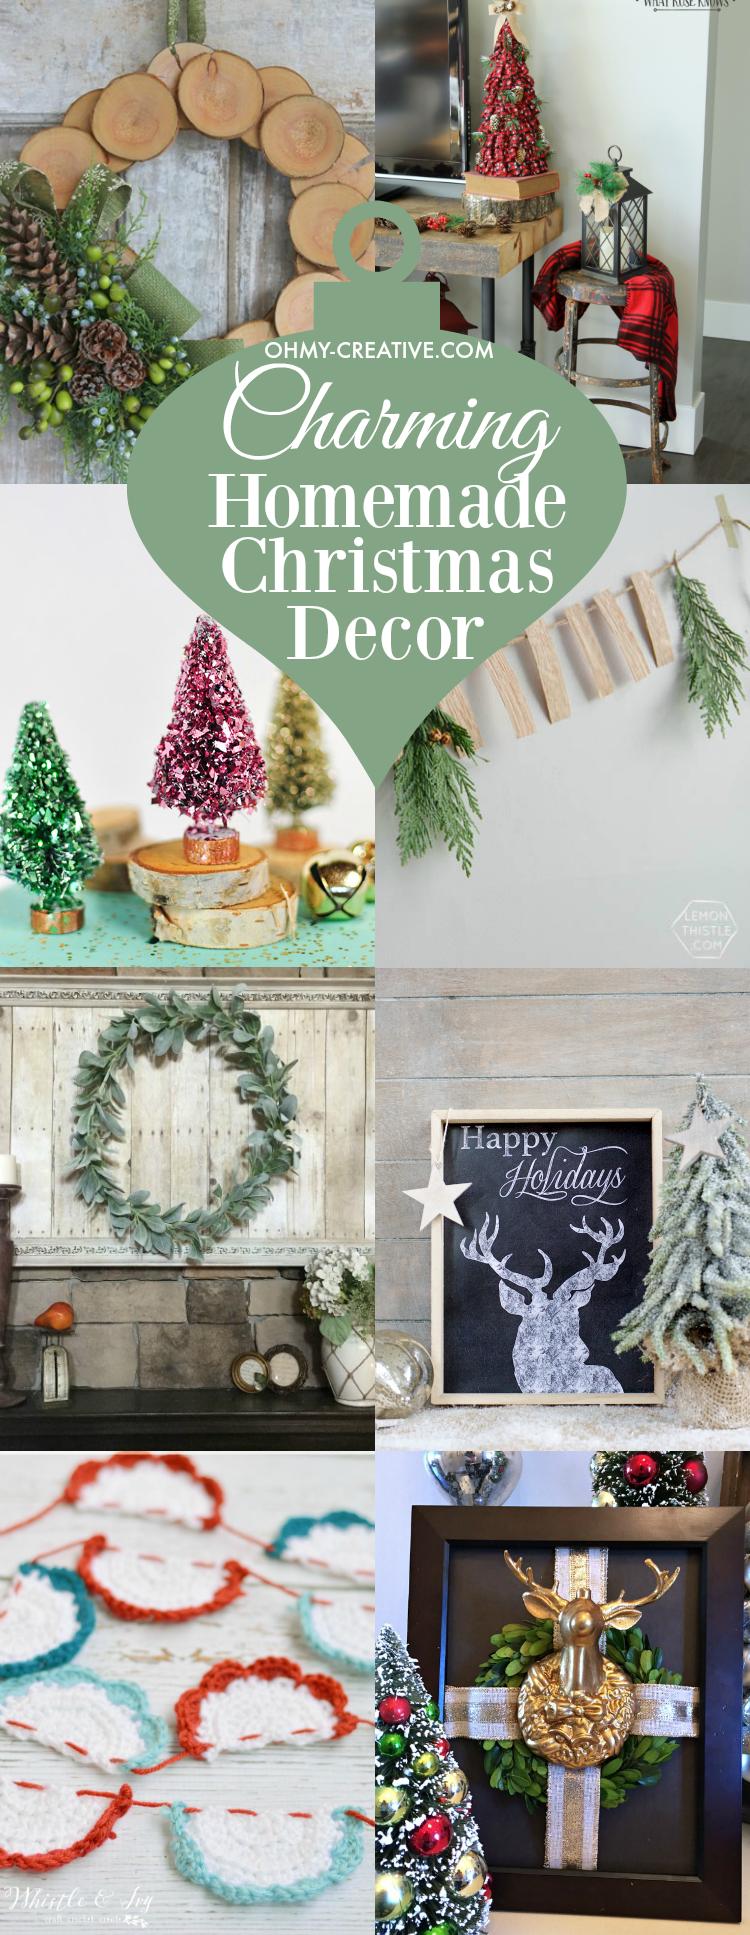 Charming Homemade Christmas Decor